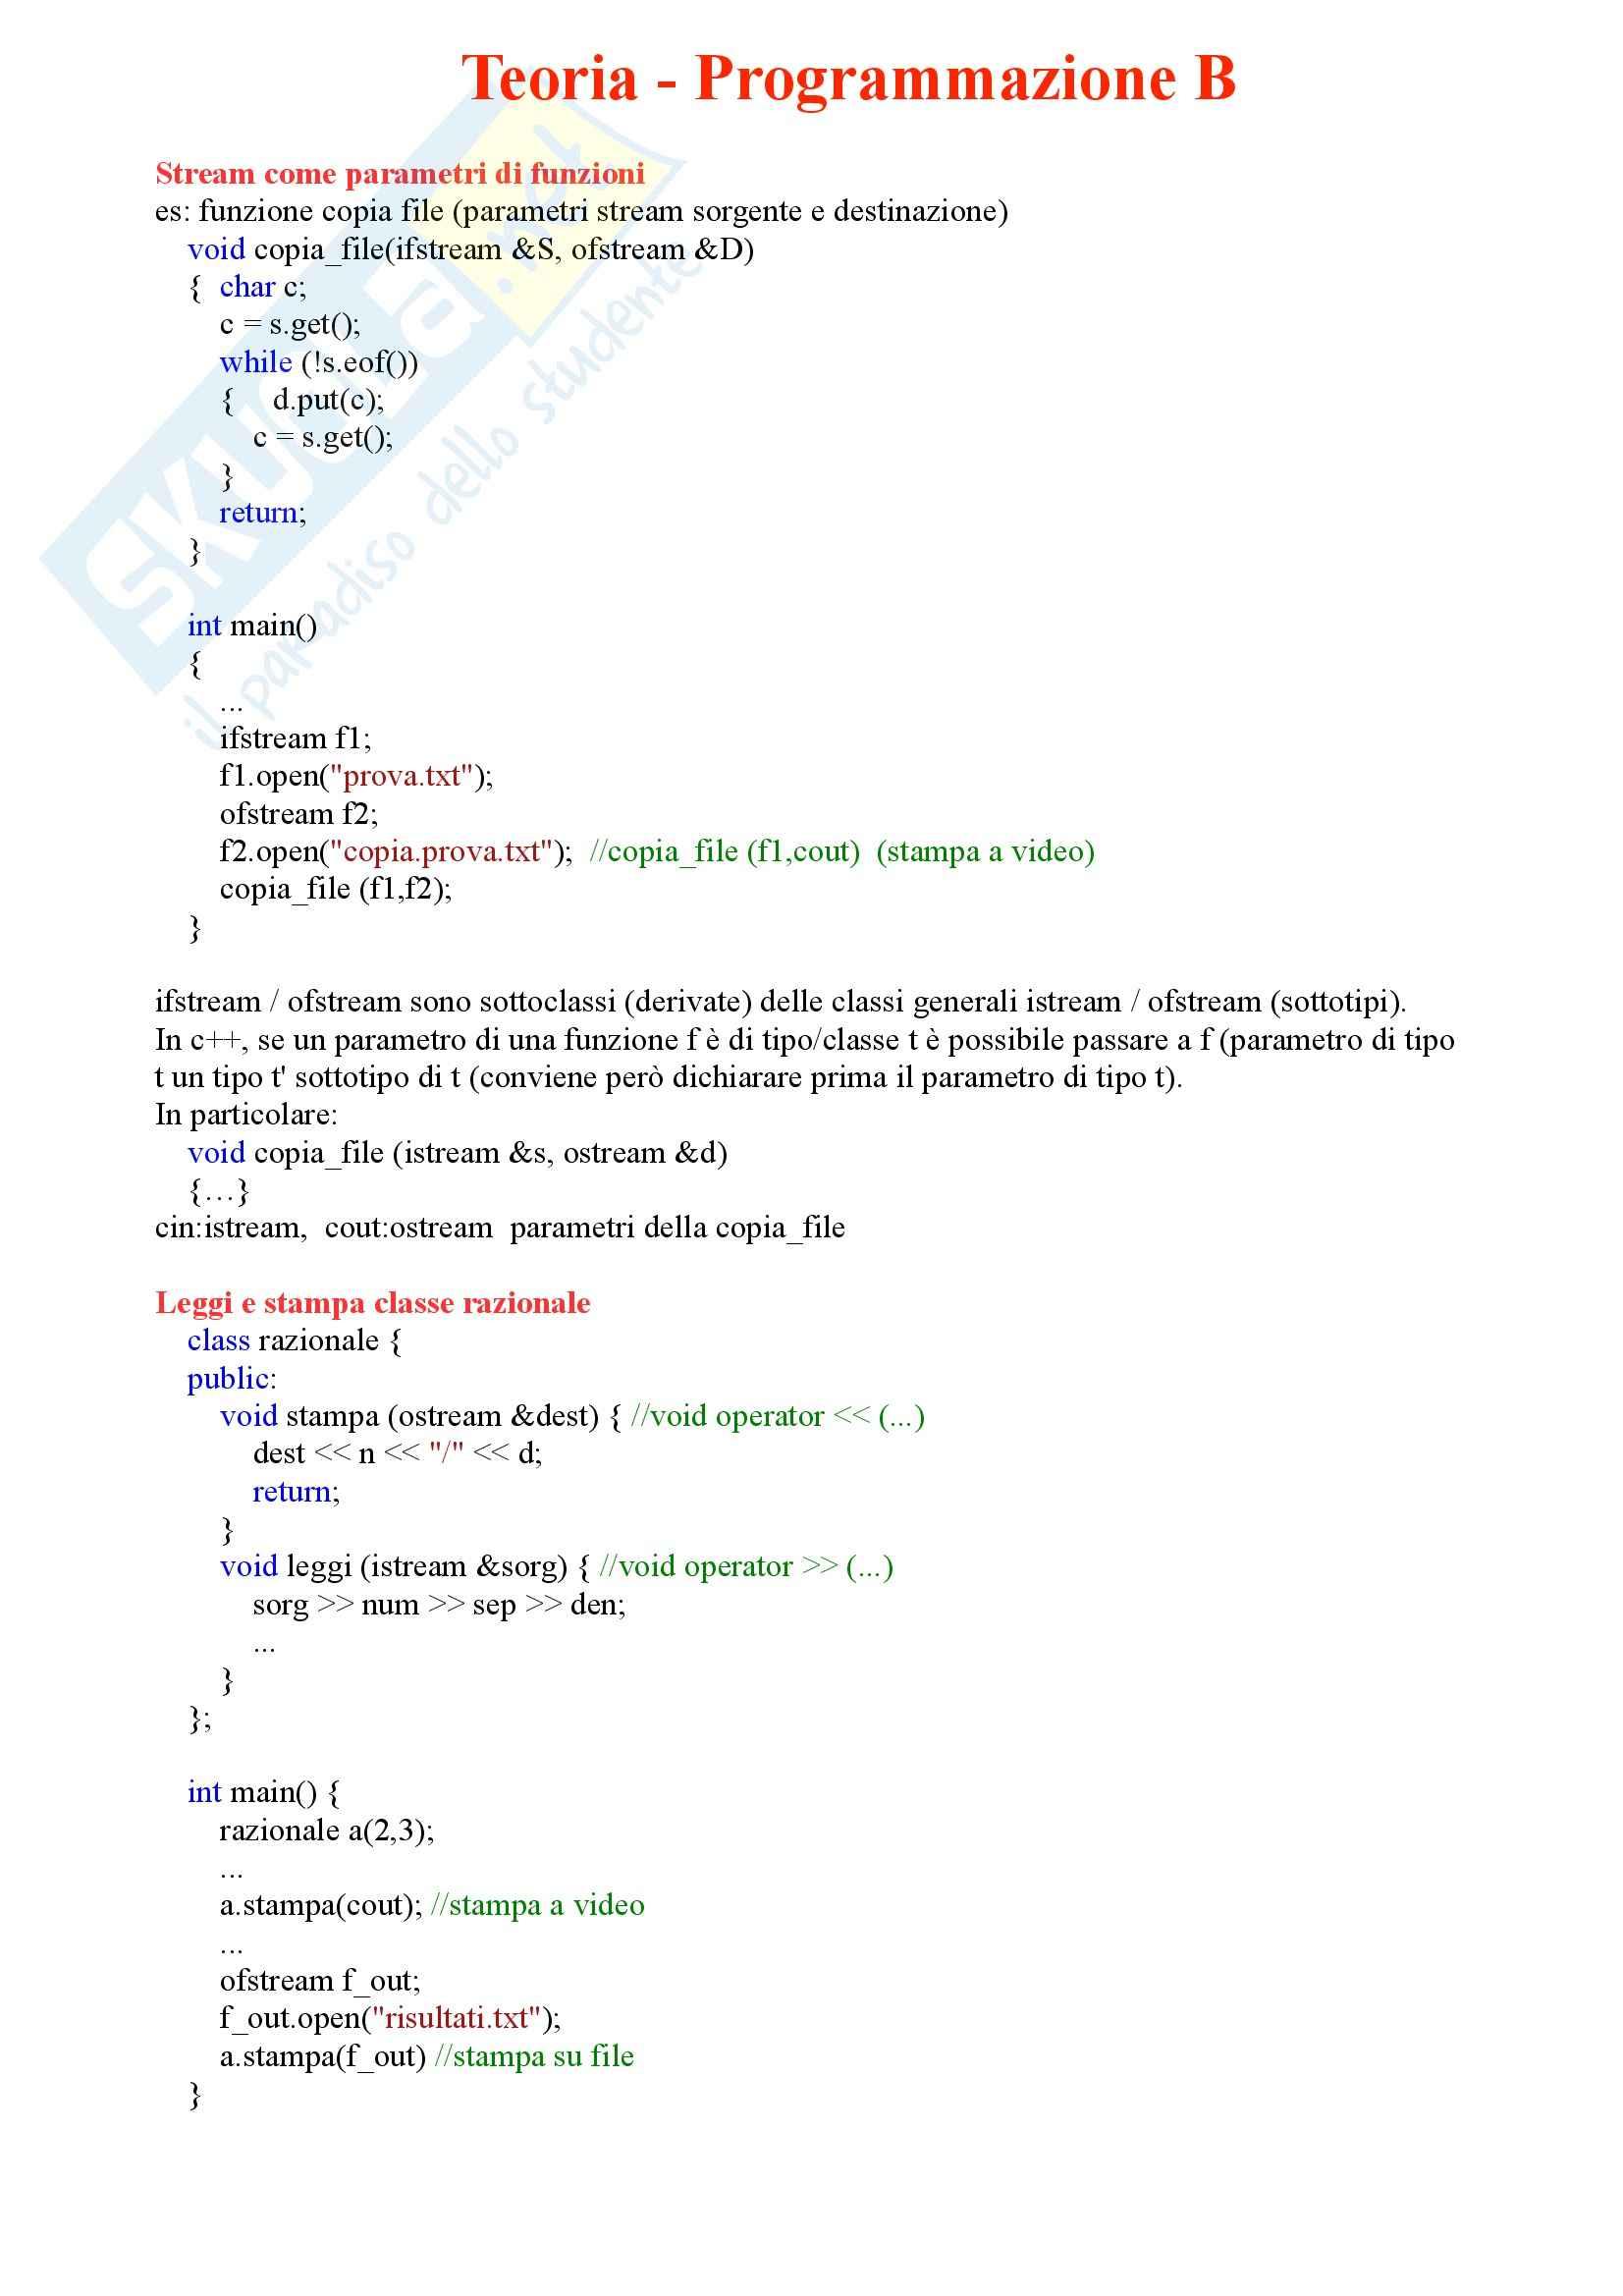 Programmazione B - Tutta la teoria